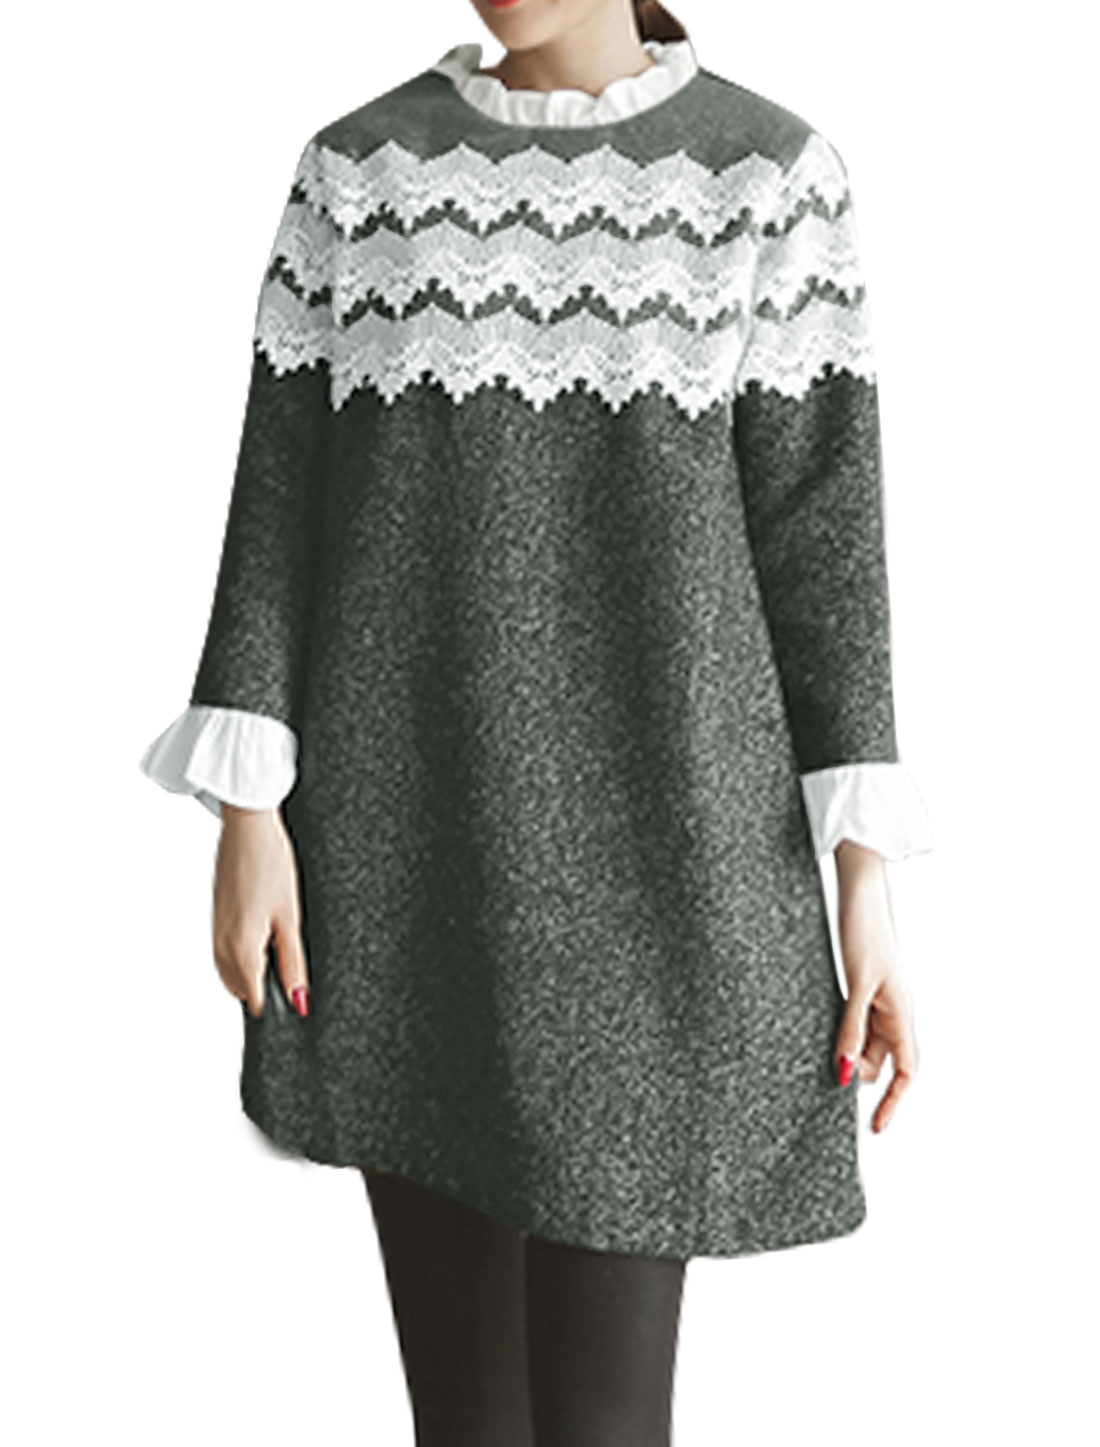 Lady Ruffled Collar Crochet Organza Stitched Tunic Dress Gray S